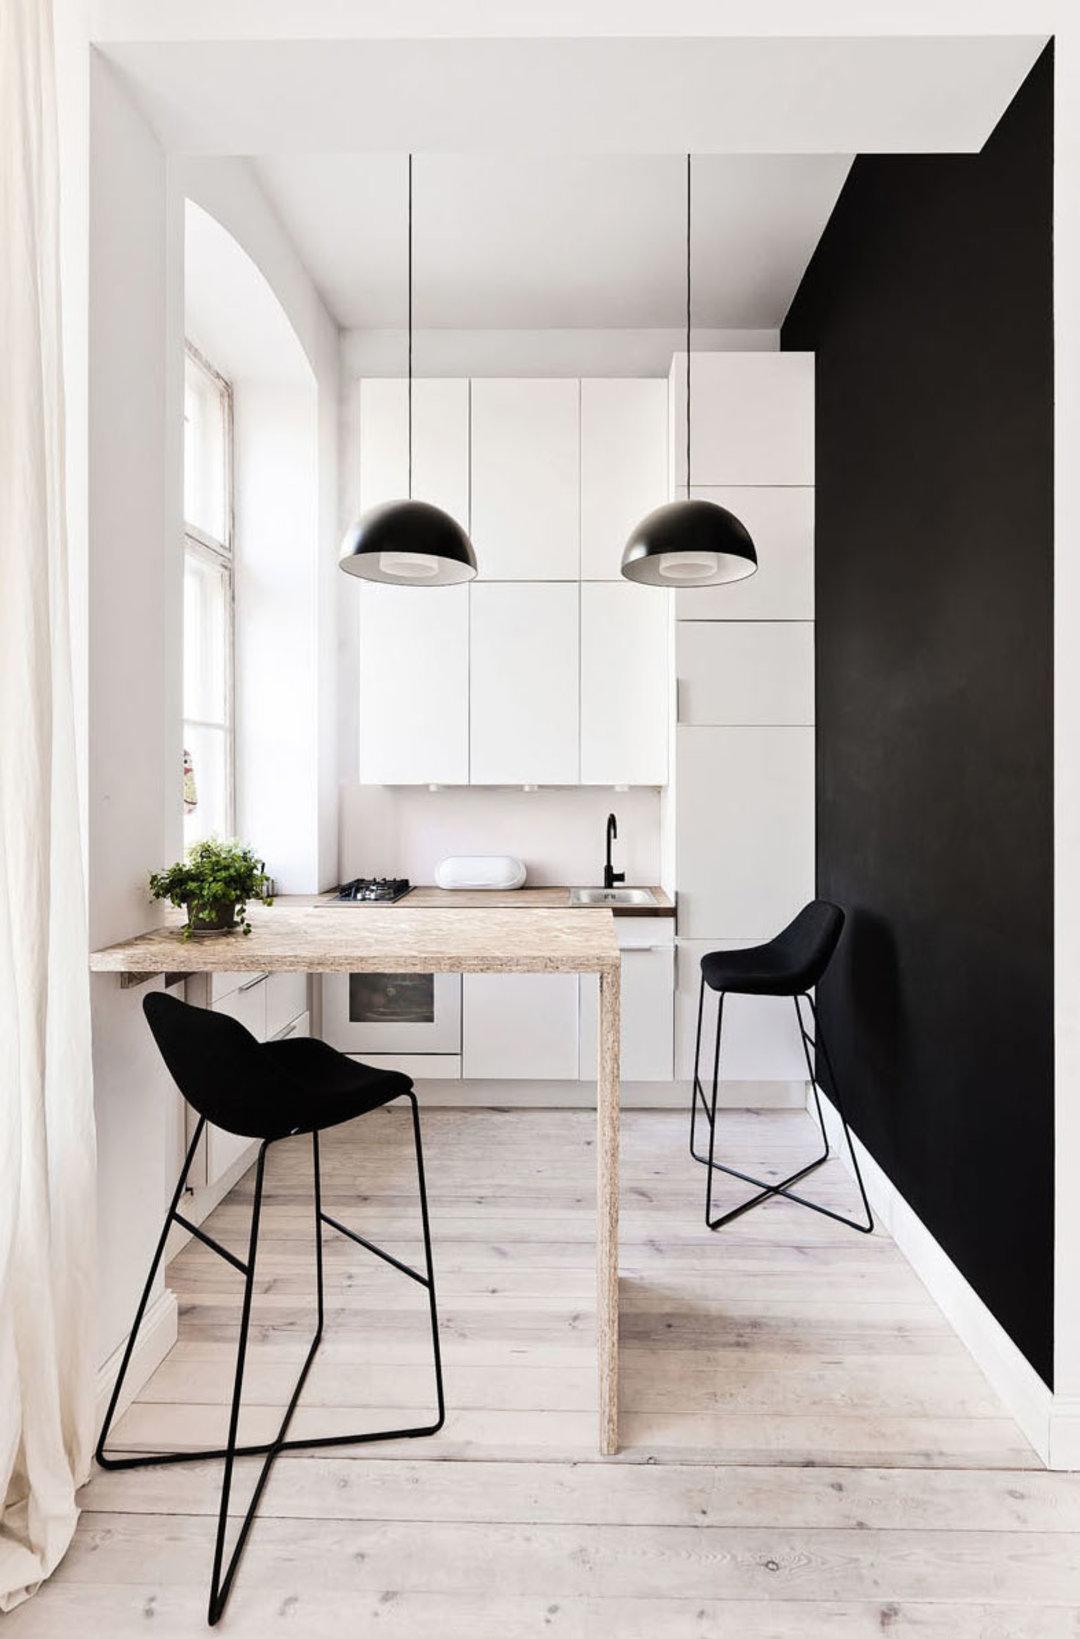 波兰这间 29 平米的公寓,并不会让生活很局促_设计_好奇心日报